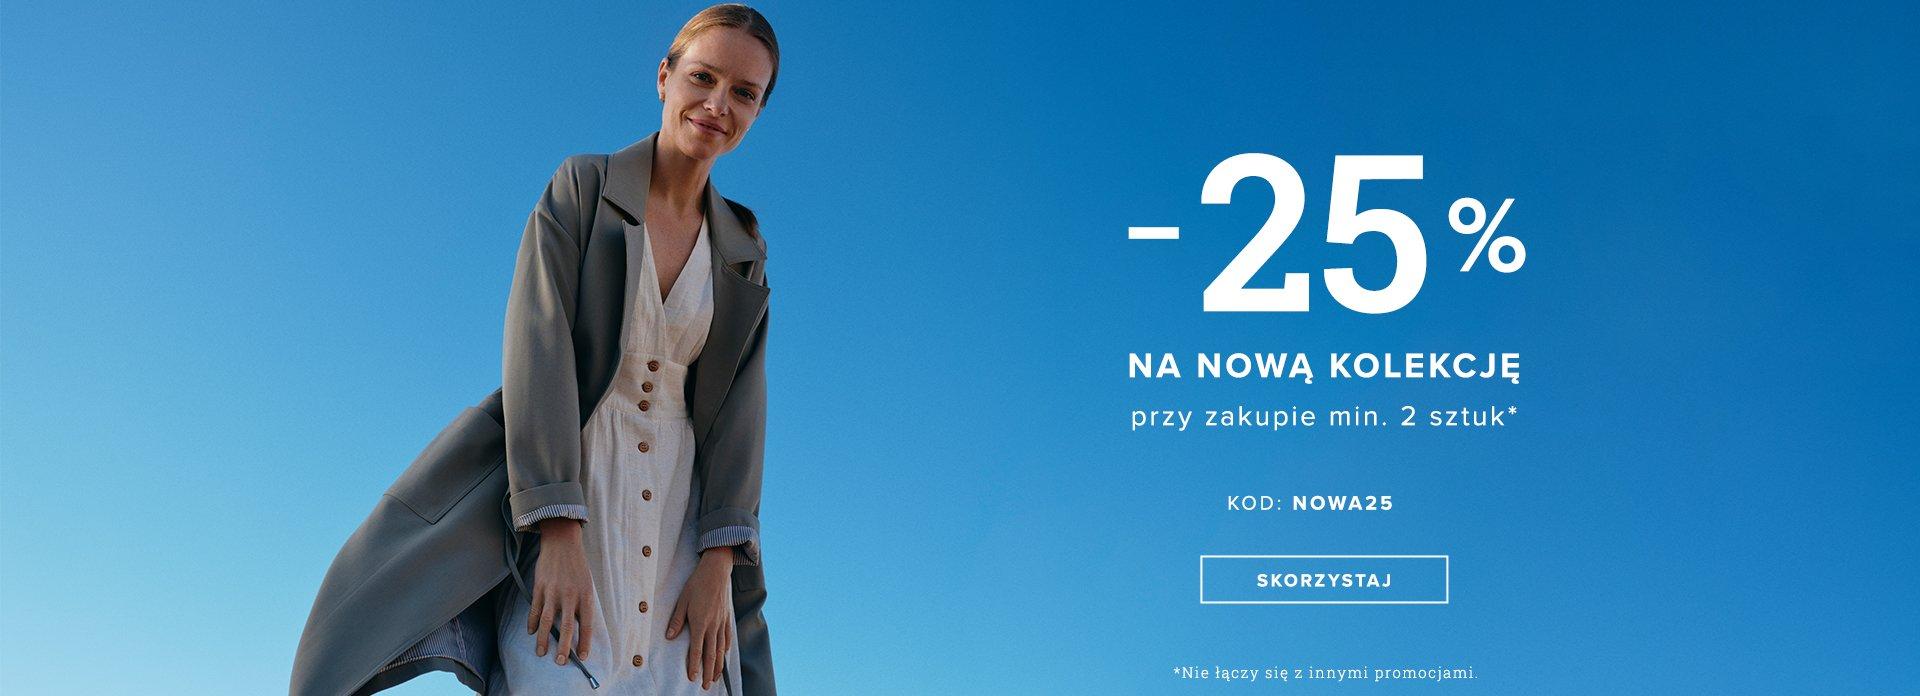 Greenpoint Greenpoint: 25% zniżki na nową kolekcję odzieży damskiej przy zakupie min. 2 szt